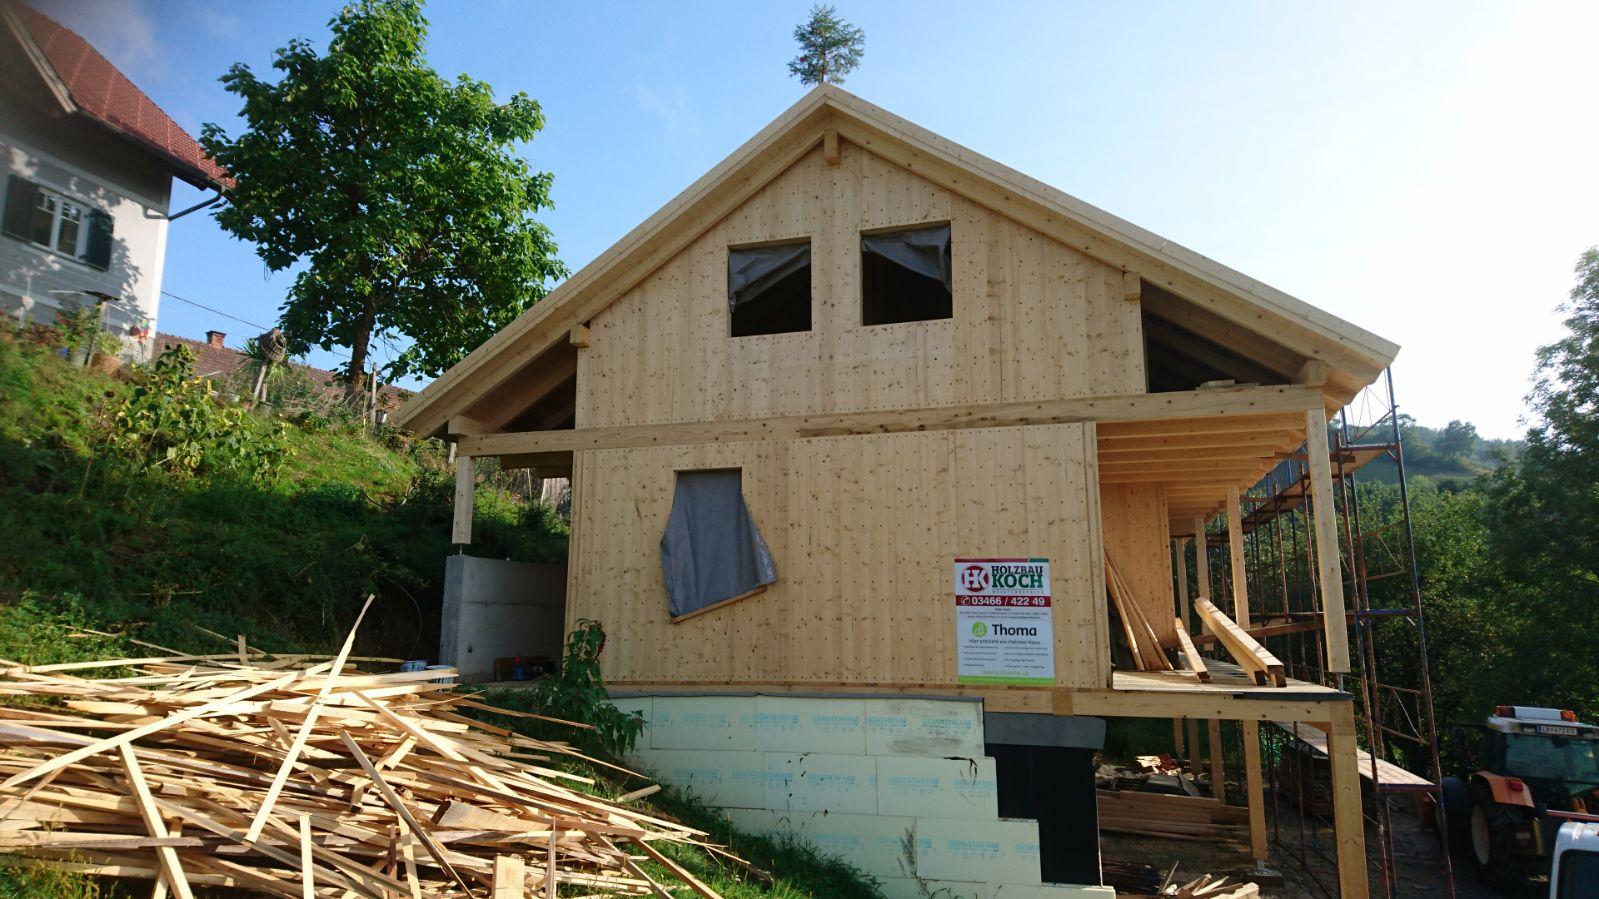 Massivholzhaus mit Holz100 Wäˆnden der Firma Thoma